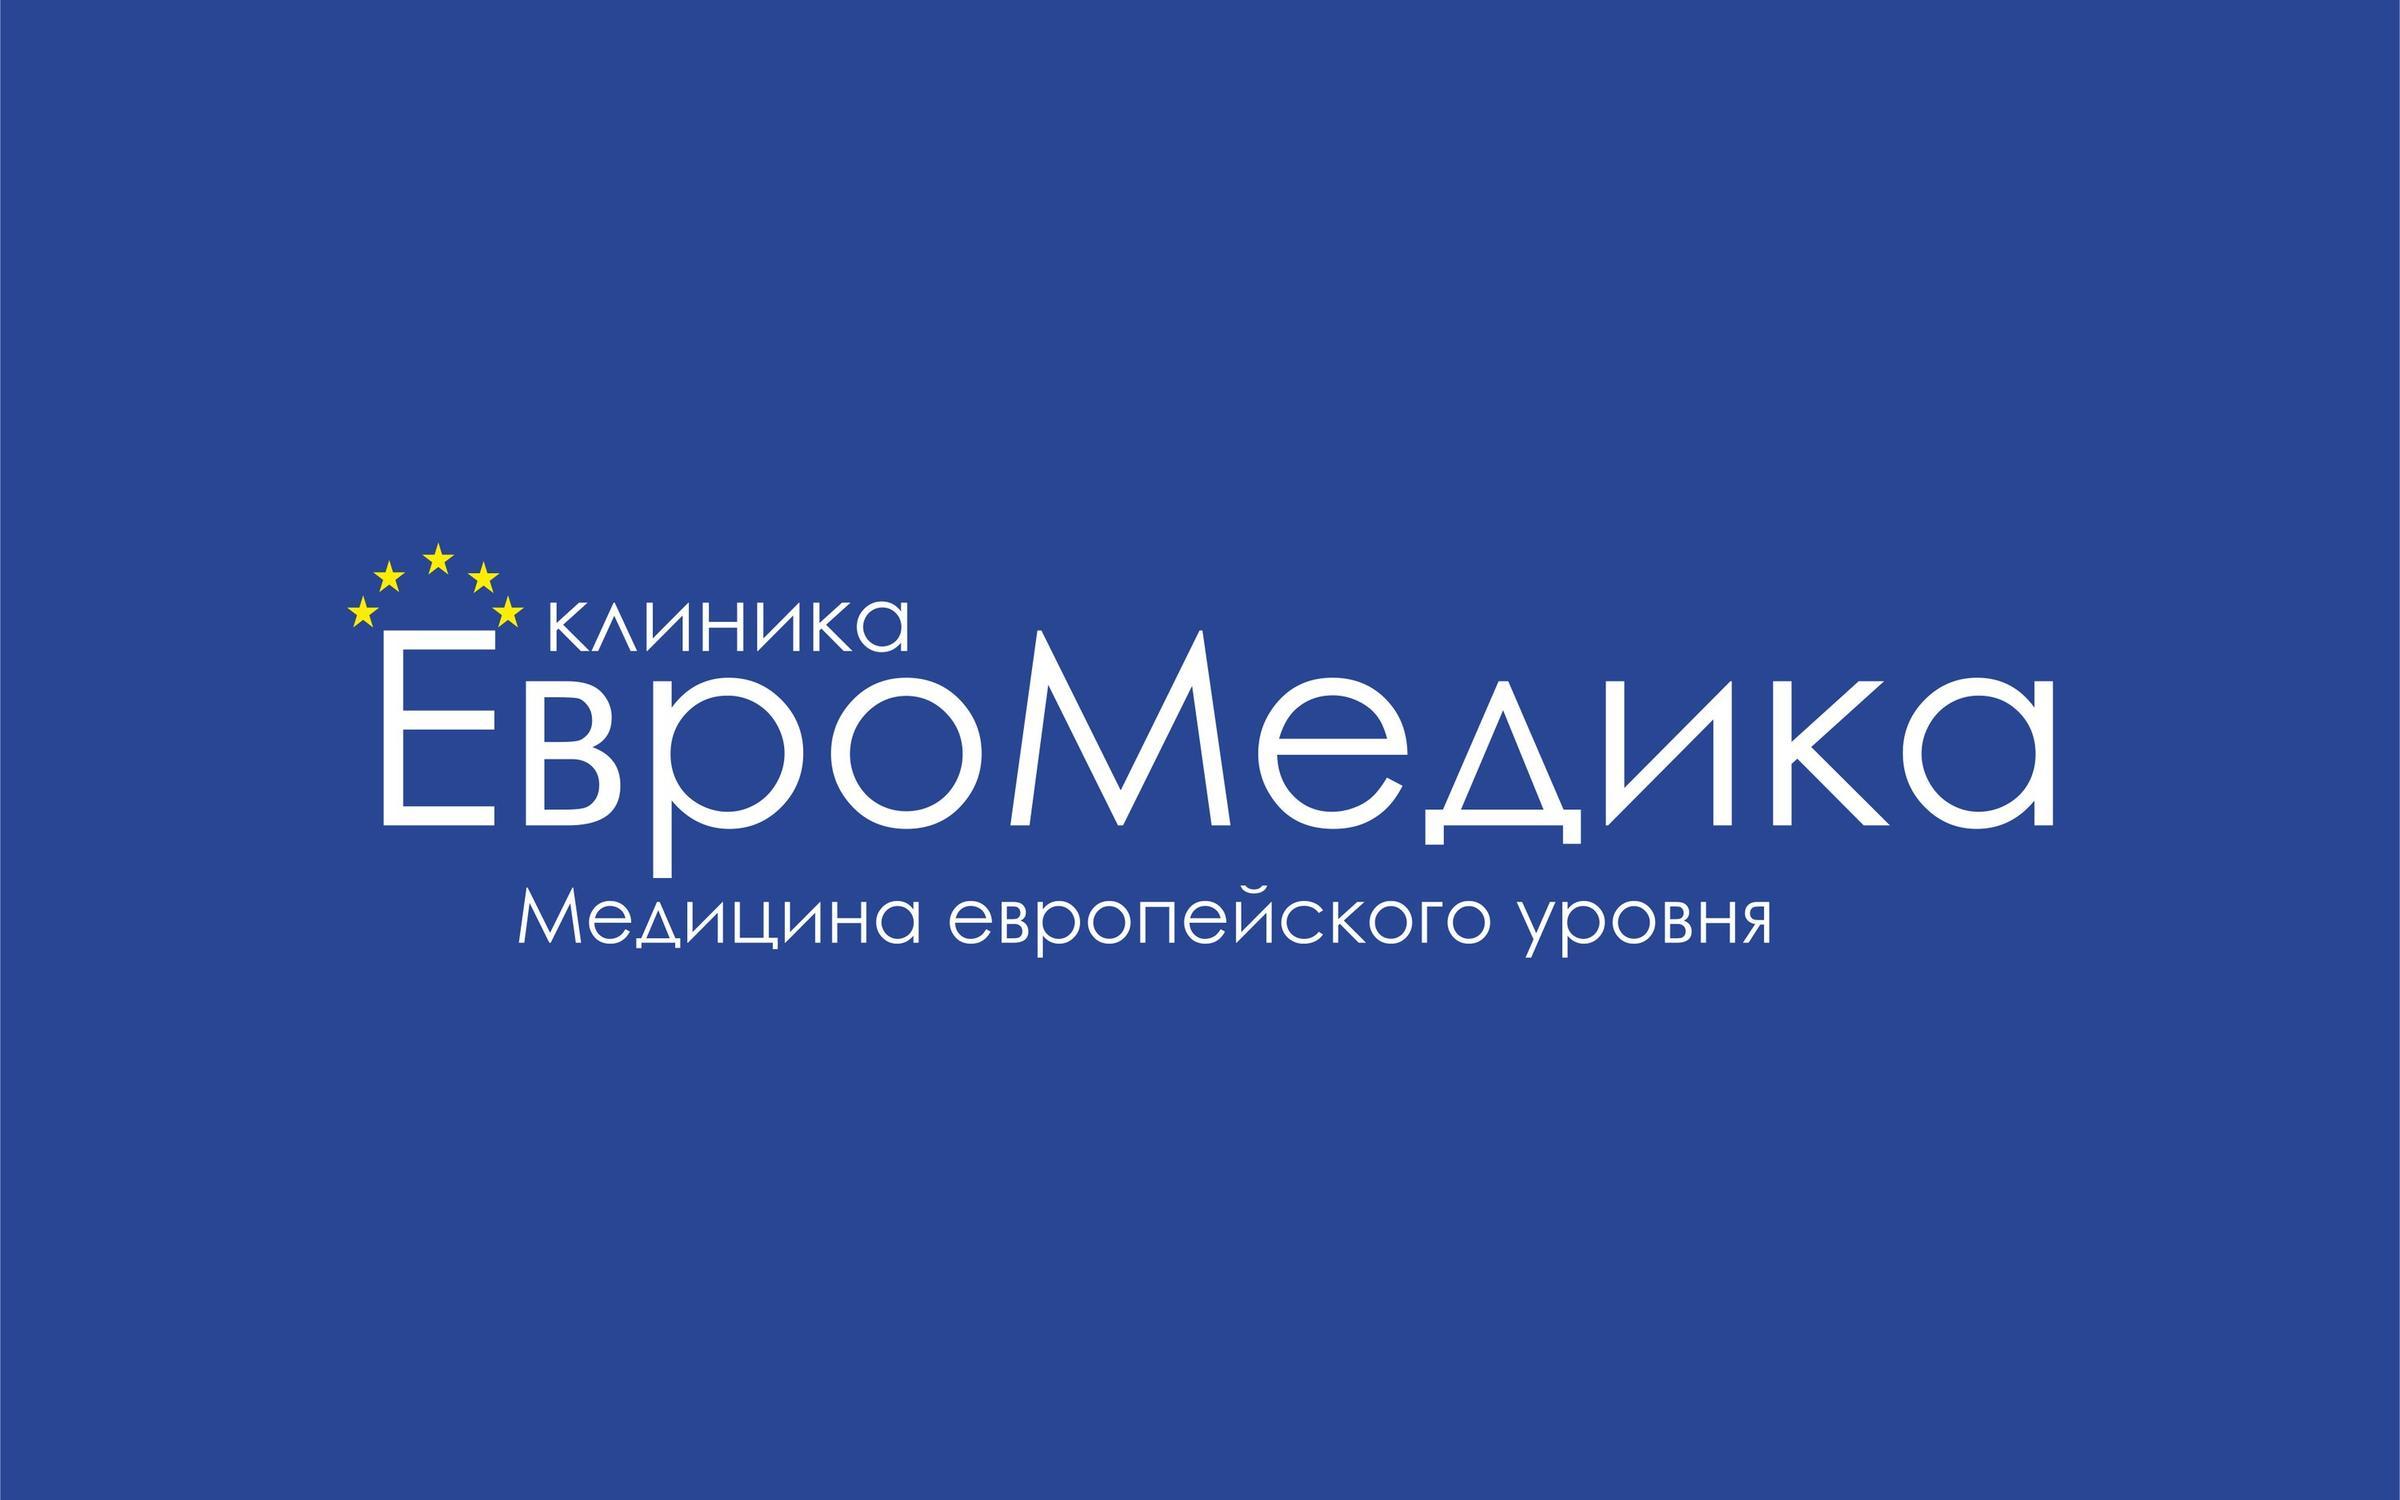 фотография Клиники ЕвроМедика на проспекте Ветеранов